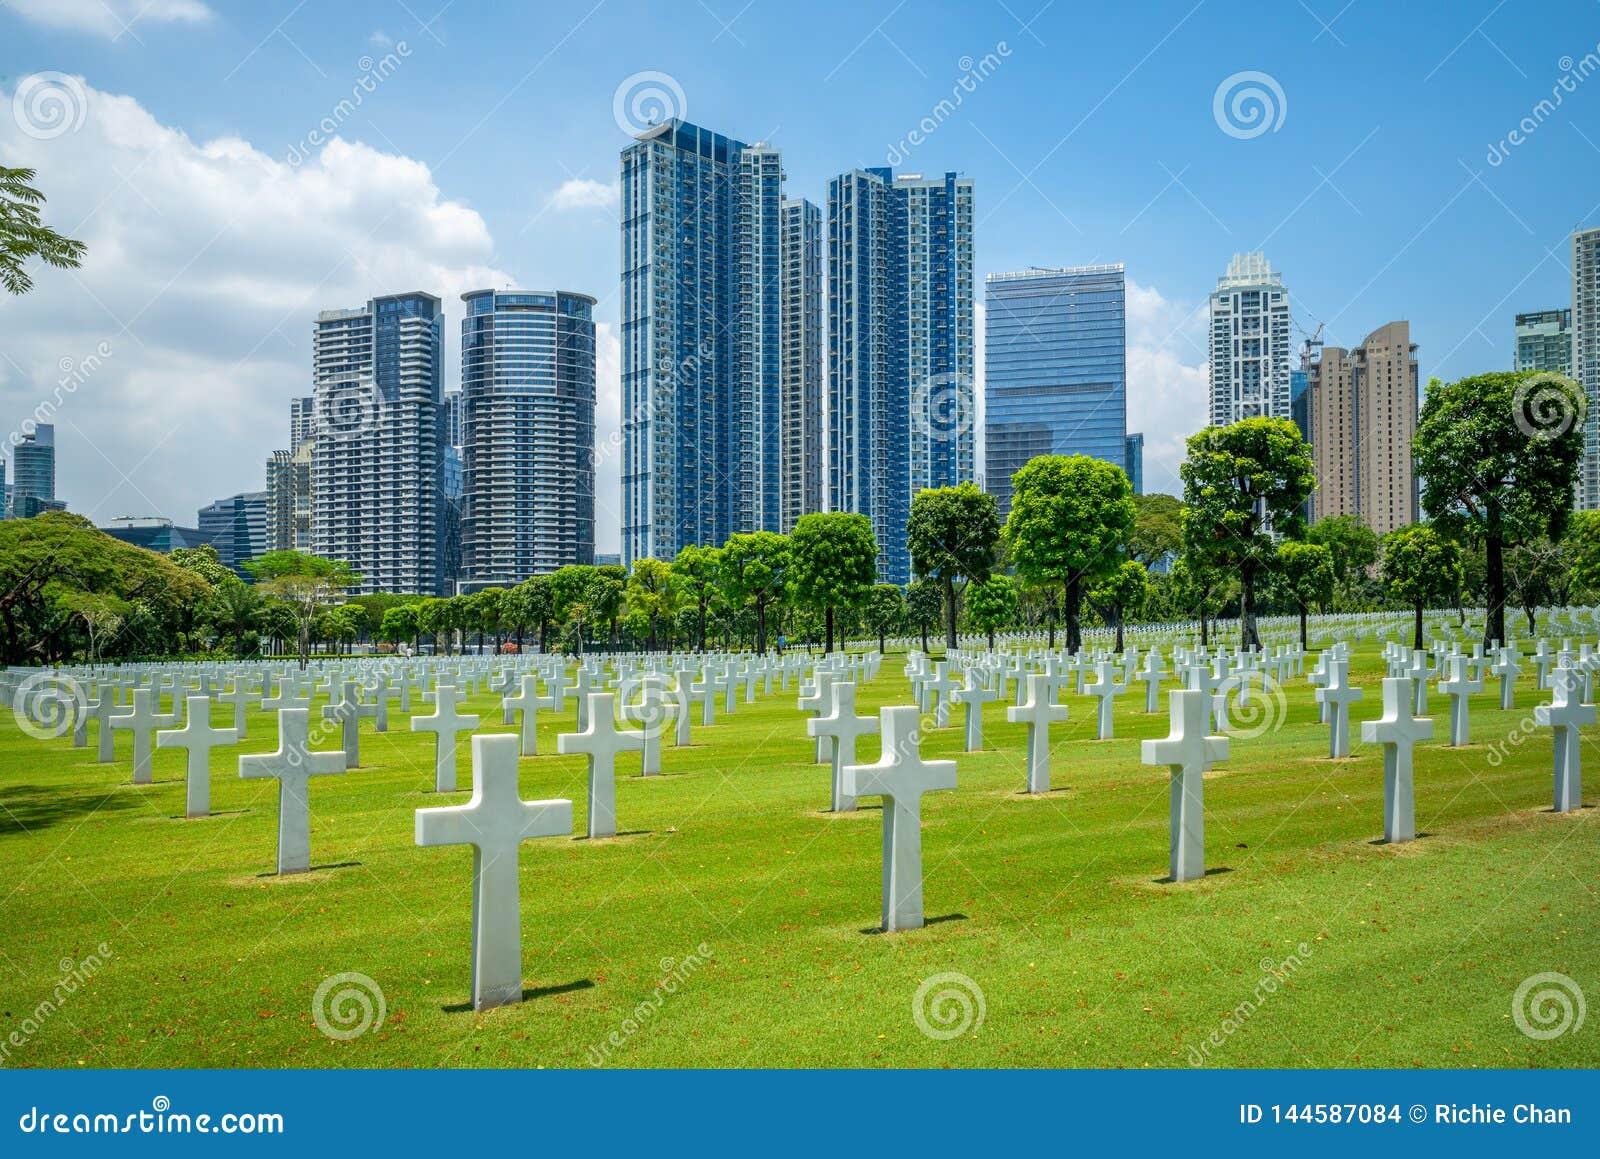 Amerikansk kyrkogård och minnesmärke, Manila, Filippinerna